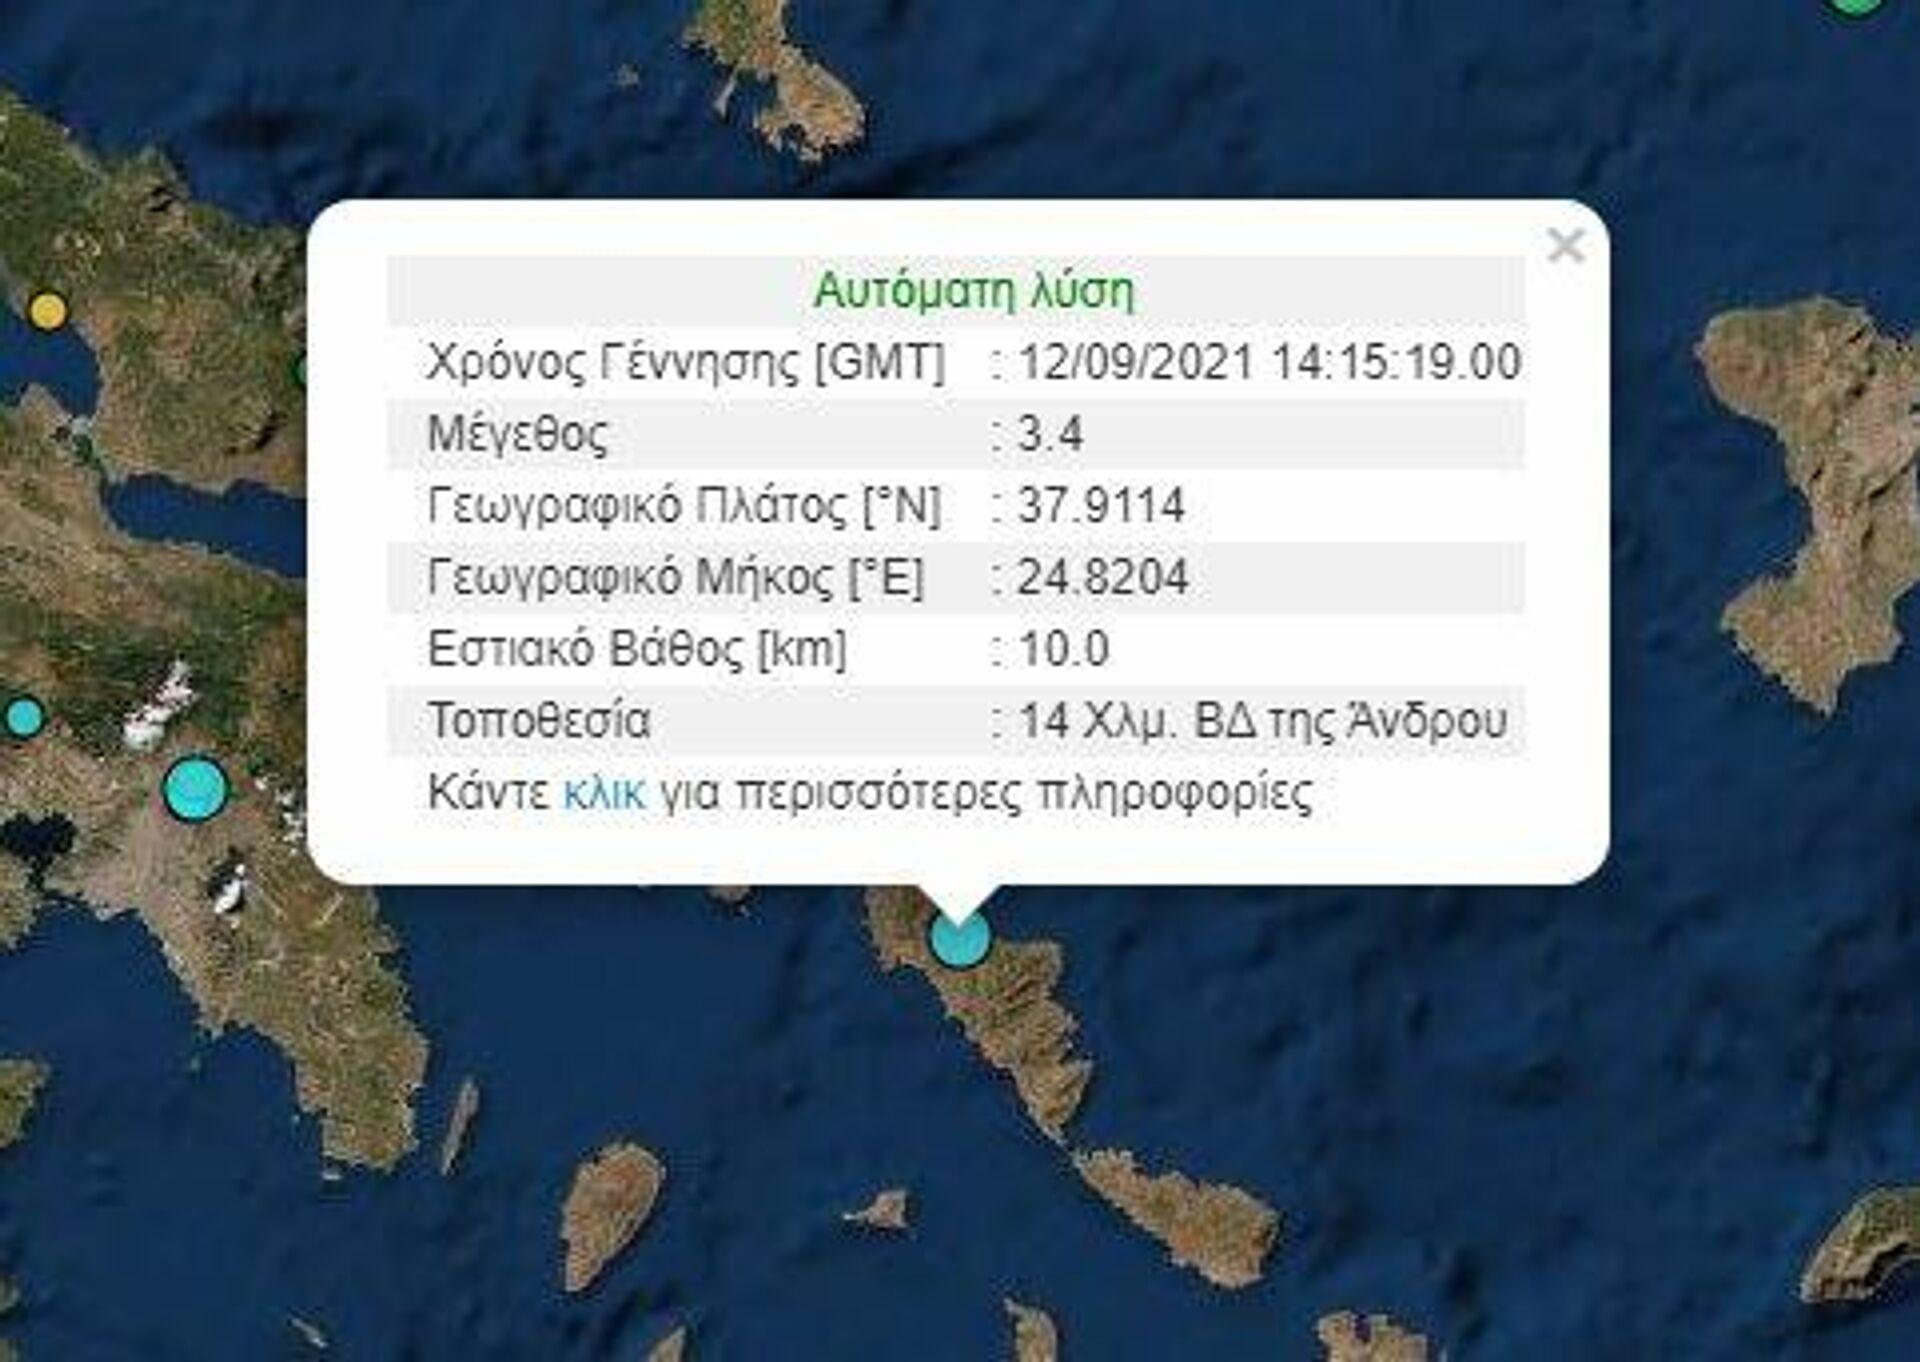 Σεισμός στην Άνδρο - Sputnik Ελλάδα, 1920, 12.09.2021